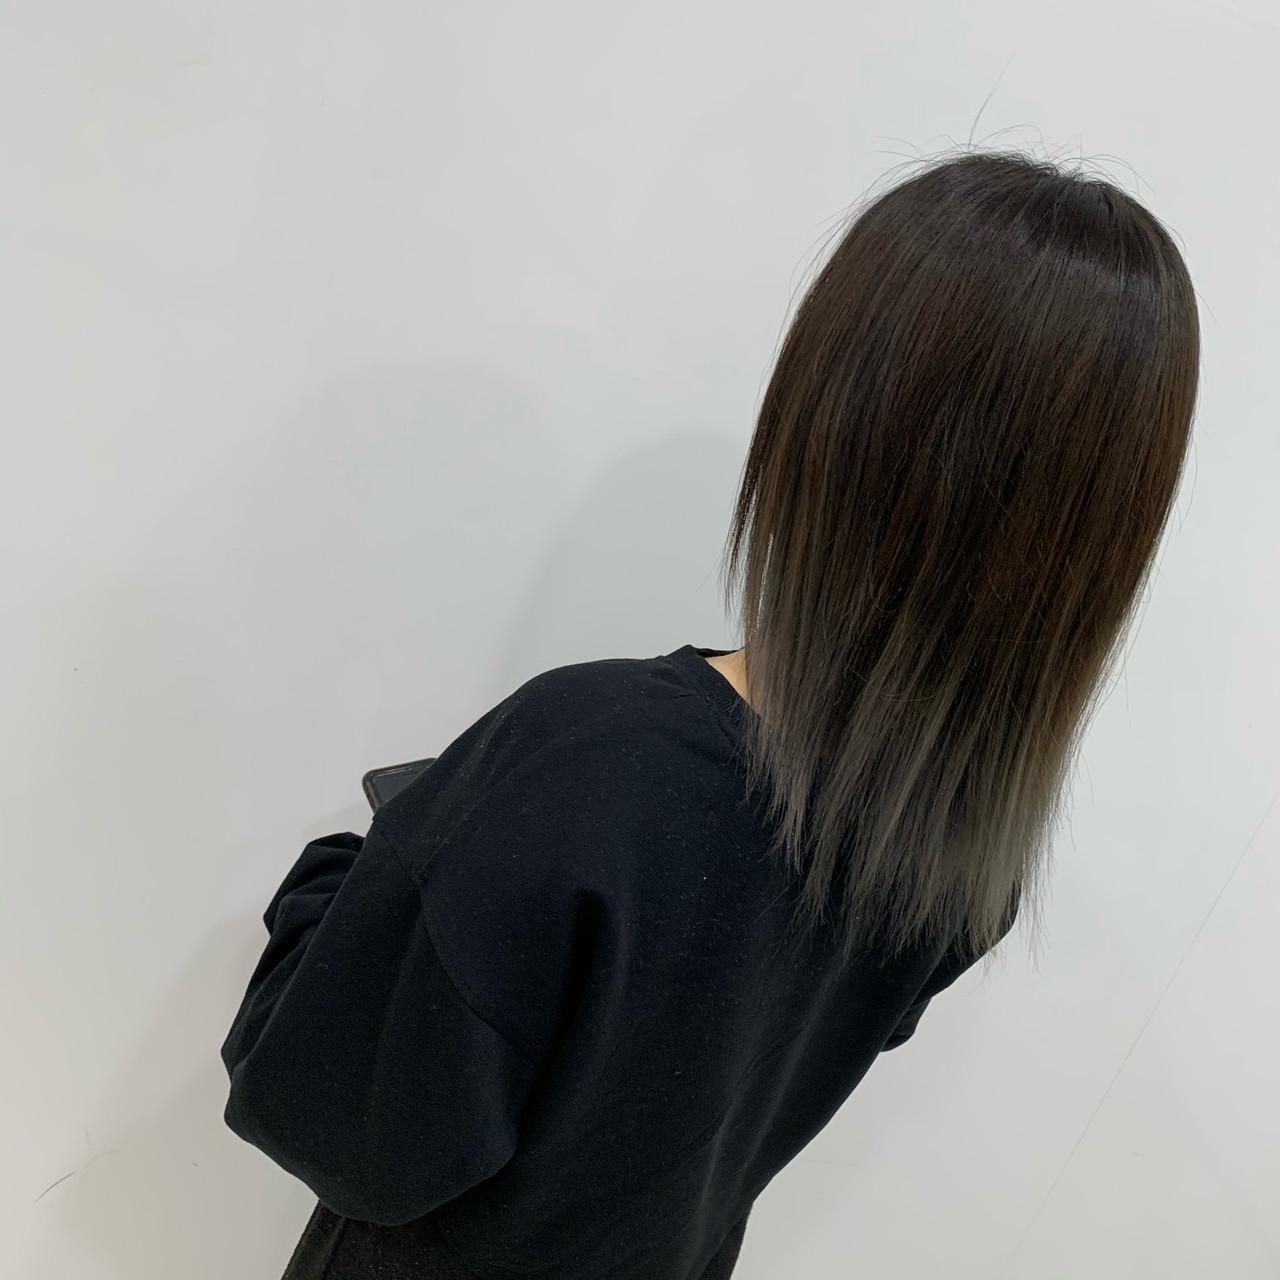 ストレート ストリート ミディアム ブリーチヘアスタイルや髪型の写真・画像